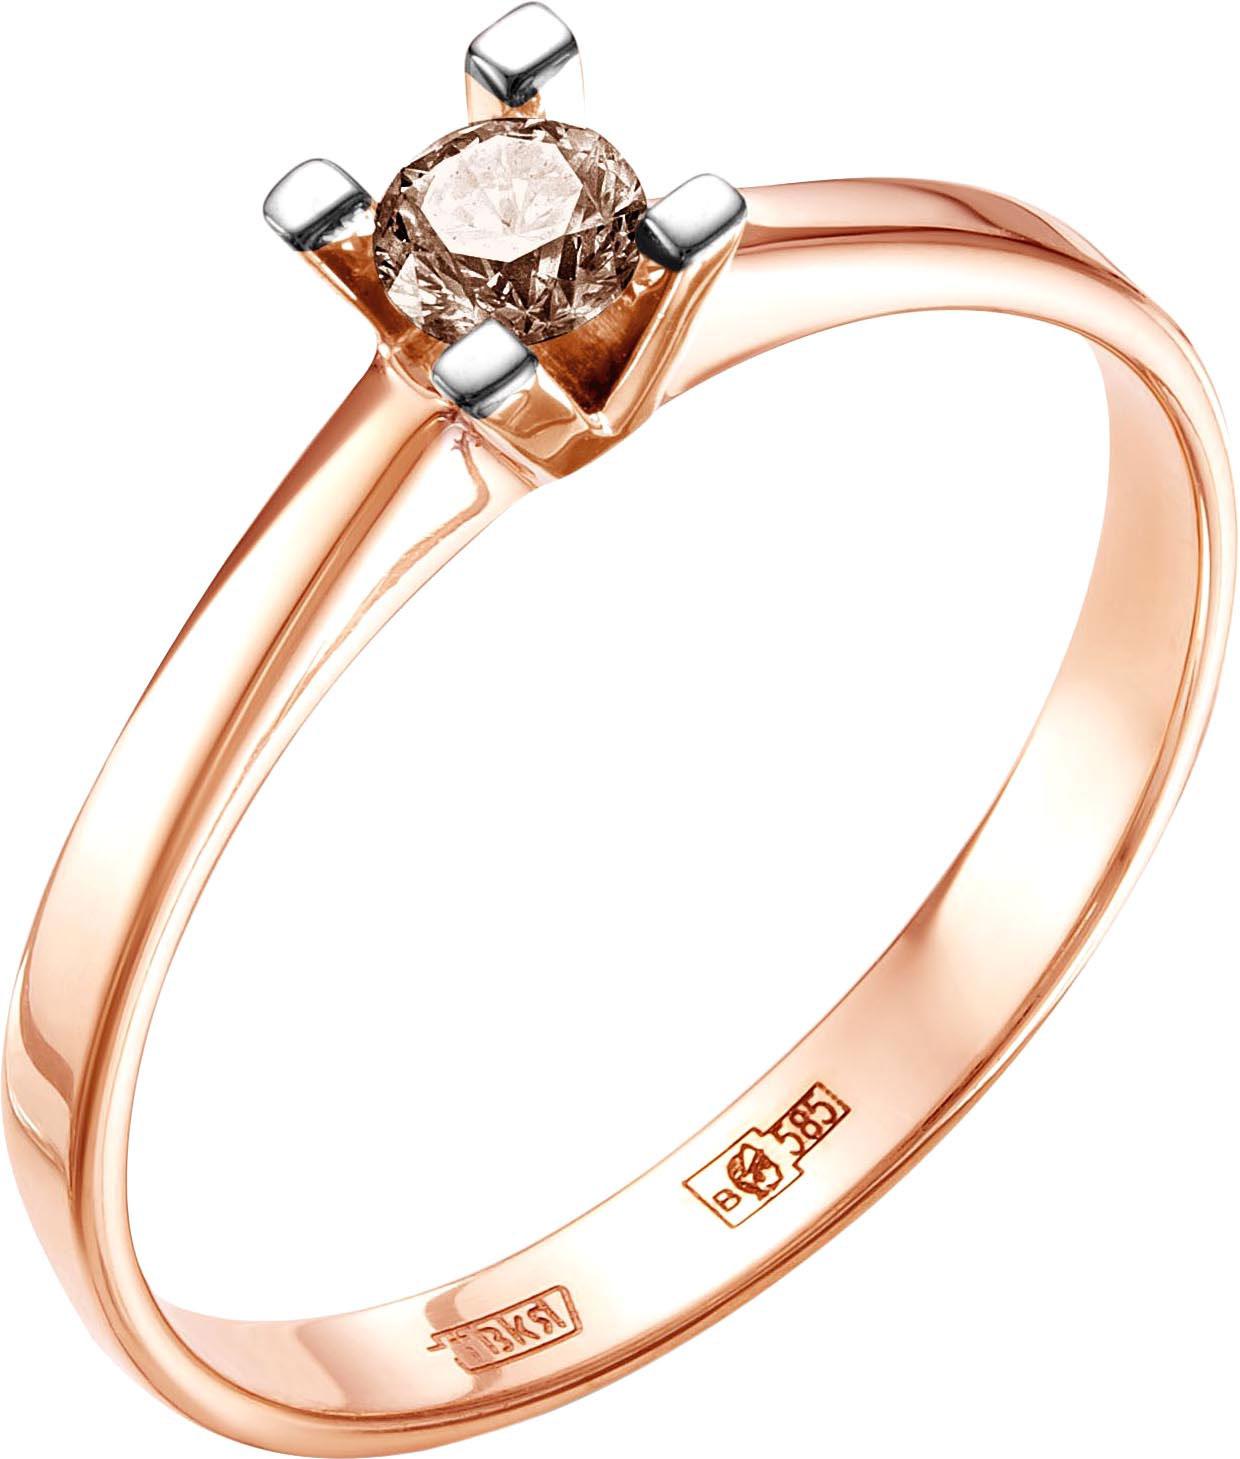 Кольца Vesna jewelry 1573-151-09-00